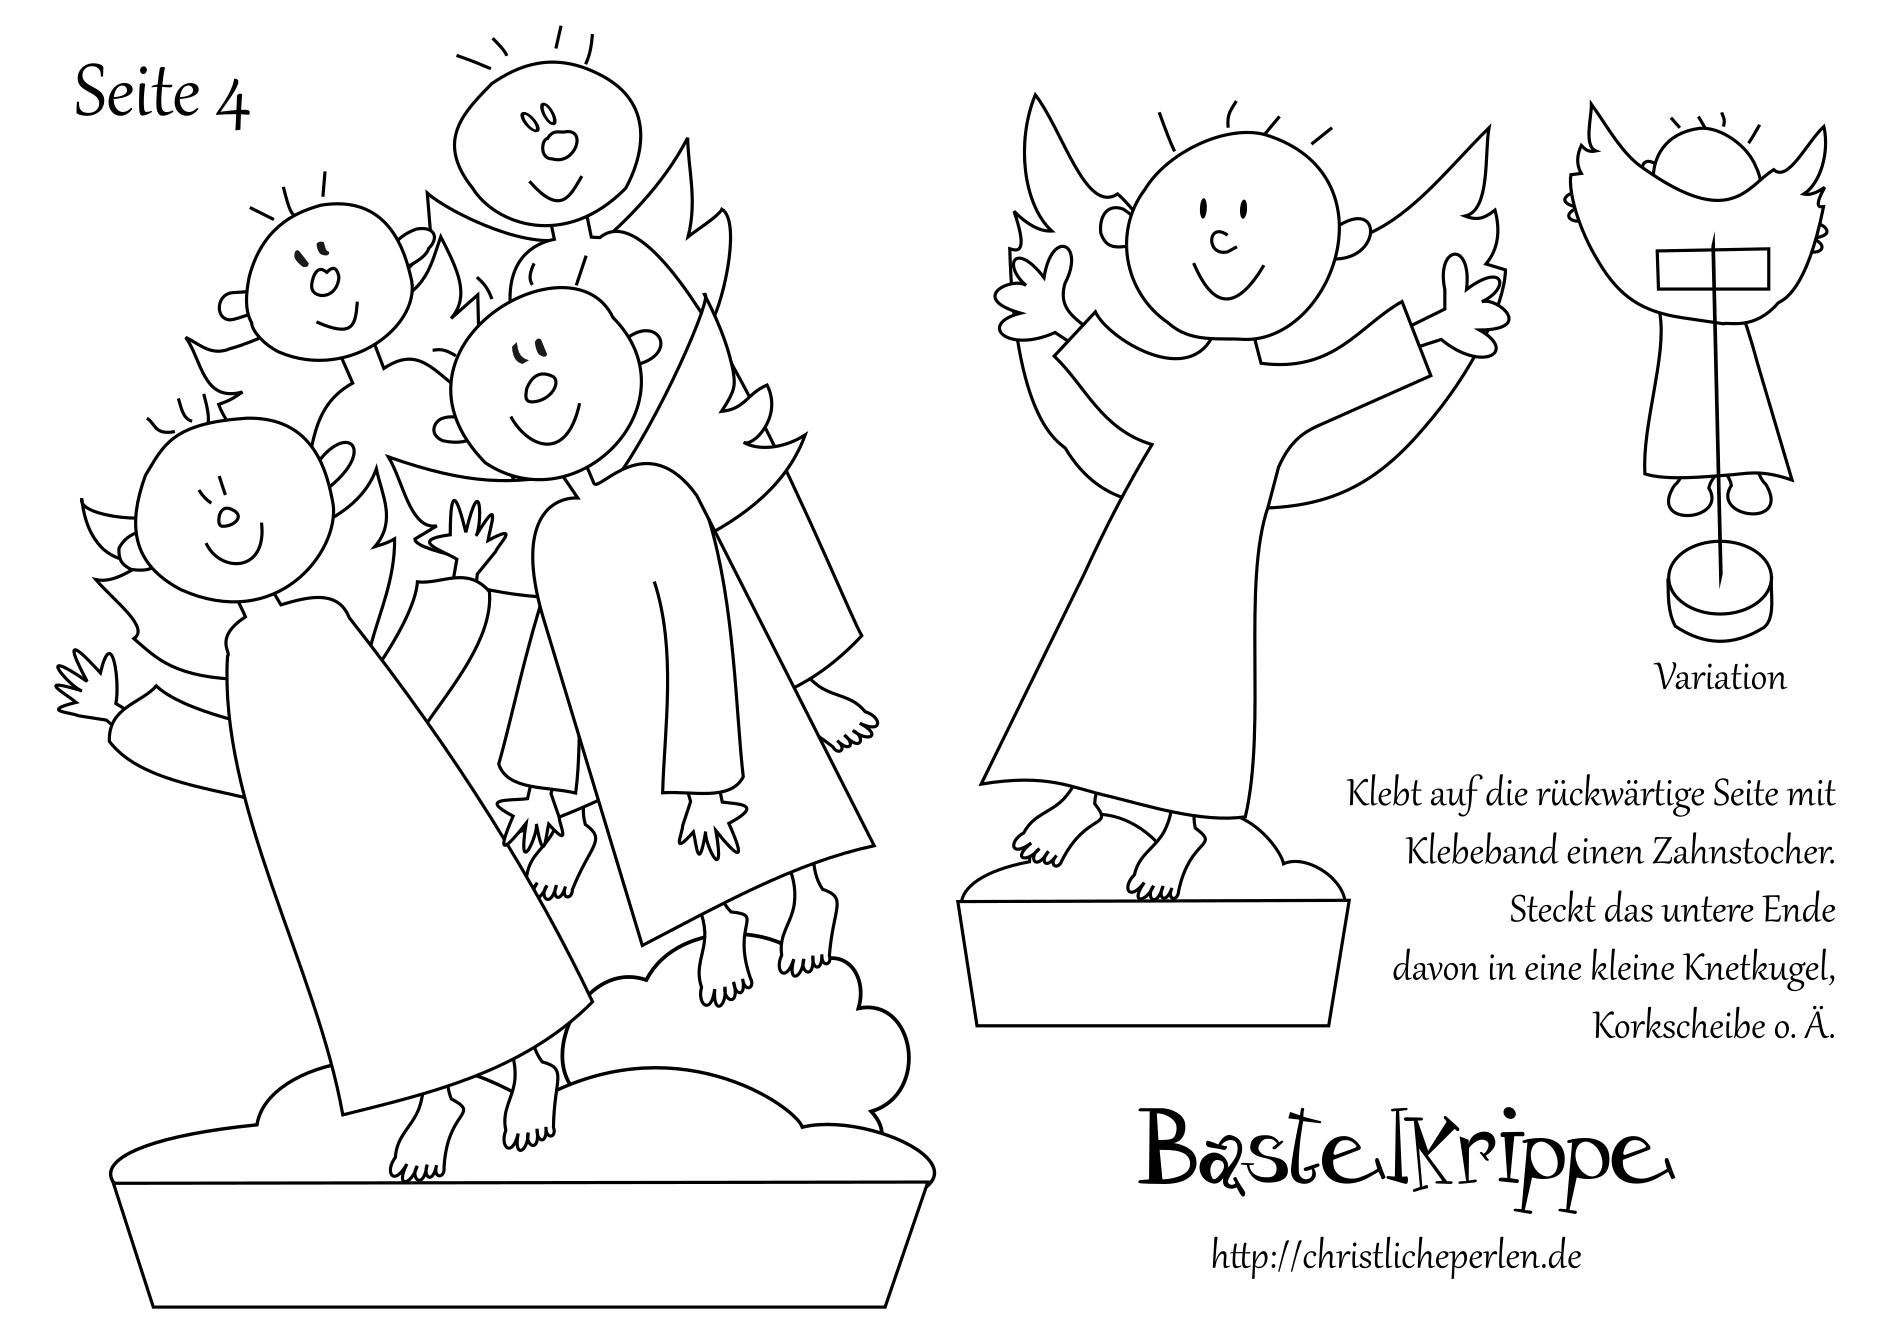 Bastelkrippe Zum Ausdrucken Krippenfiguren 7